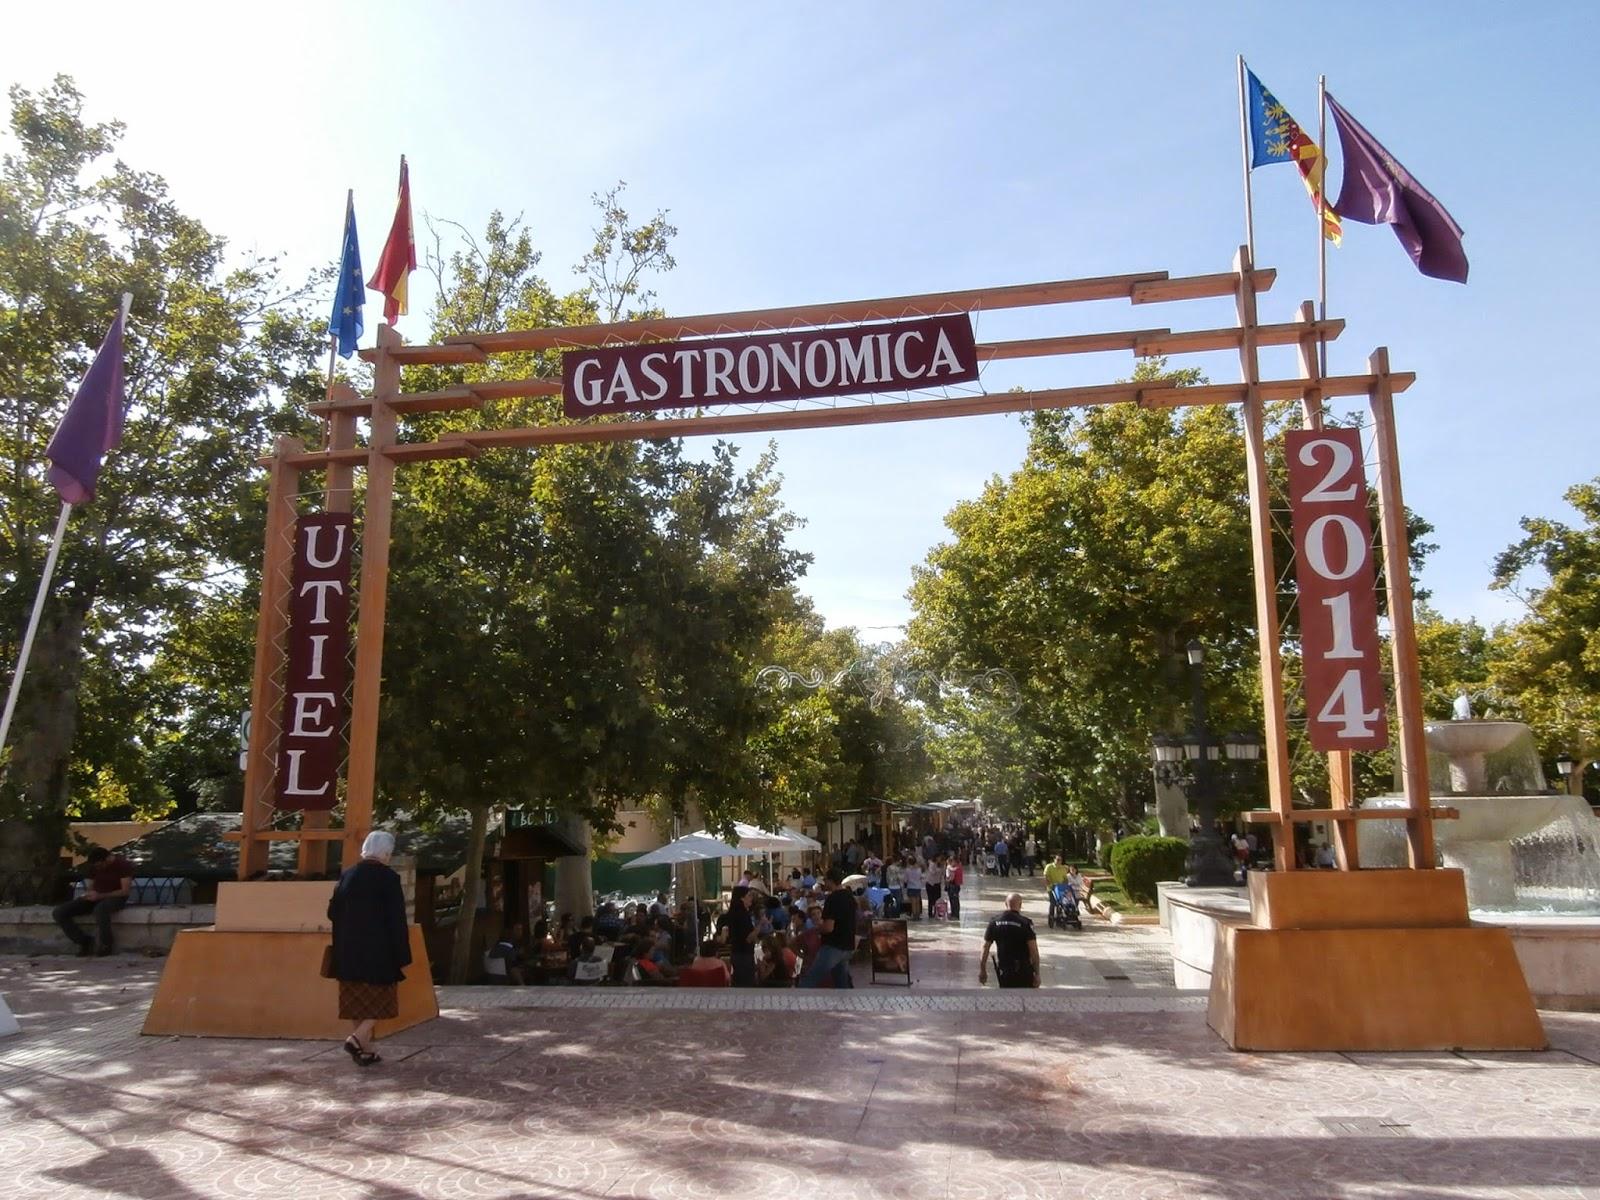 Programación Feria Utiel Gastronómica 2015 (Del 16 al 18 de octubre)